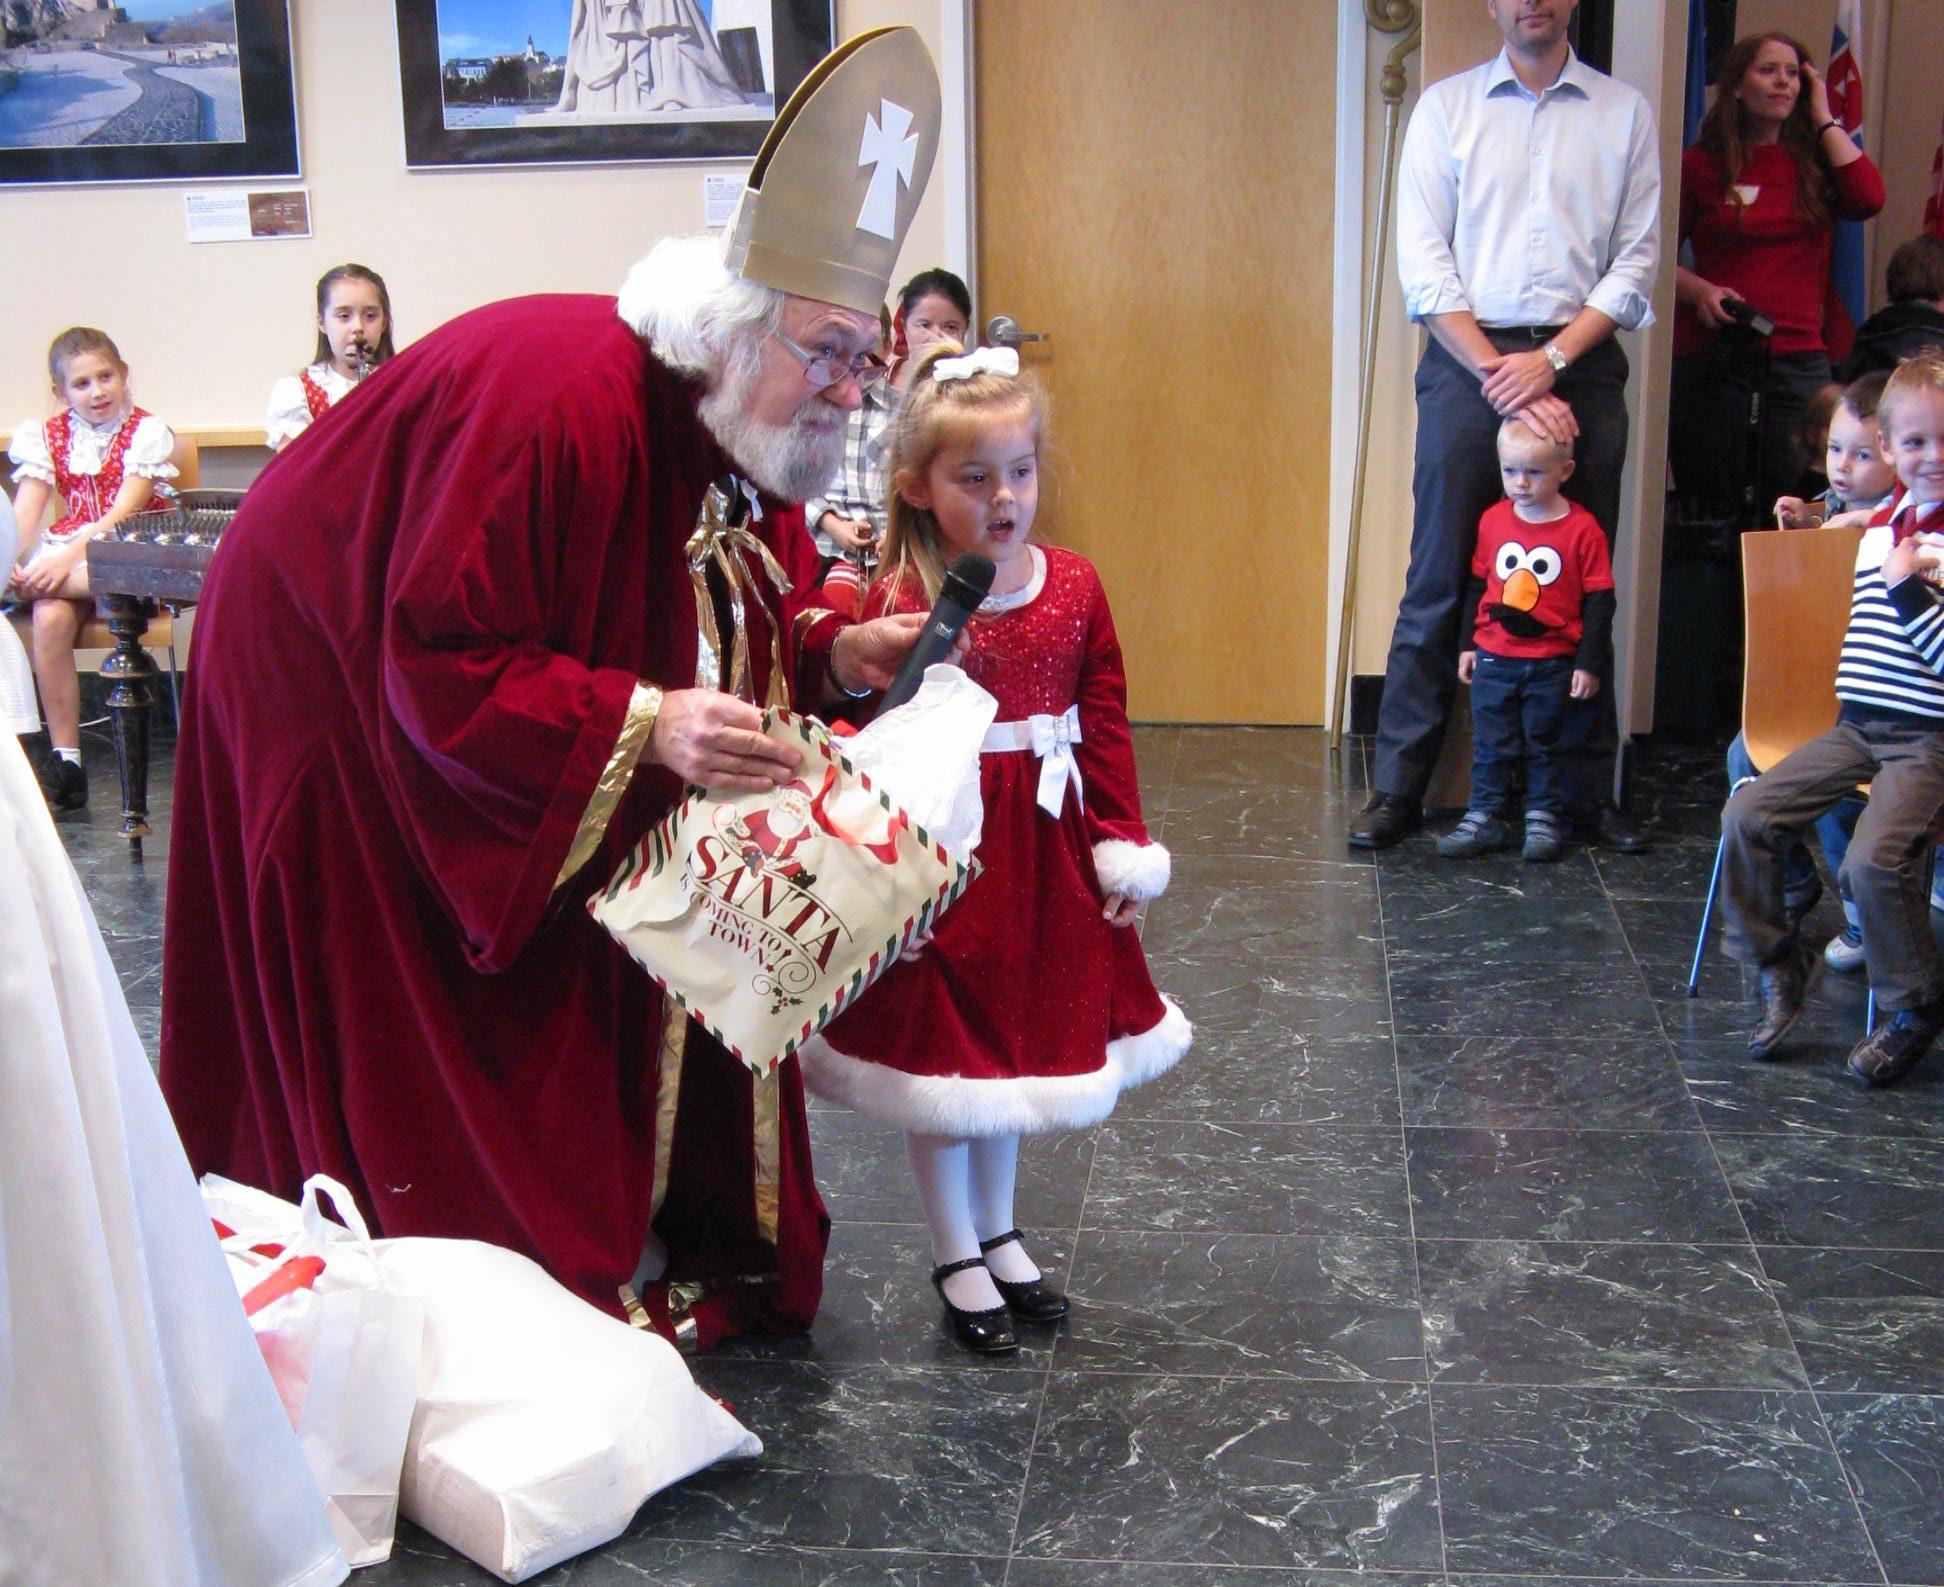 Svätý Mikuláš handing out gifts.